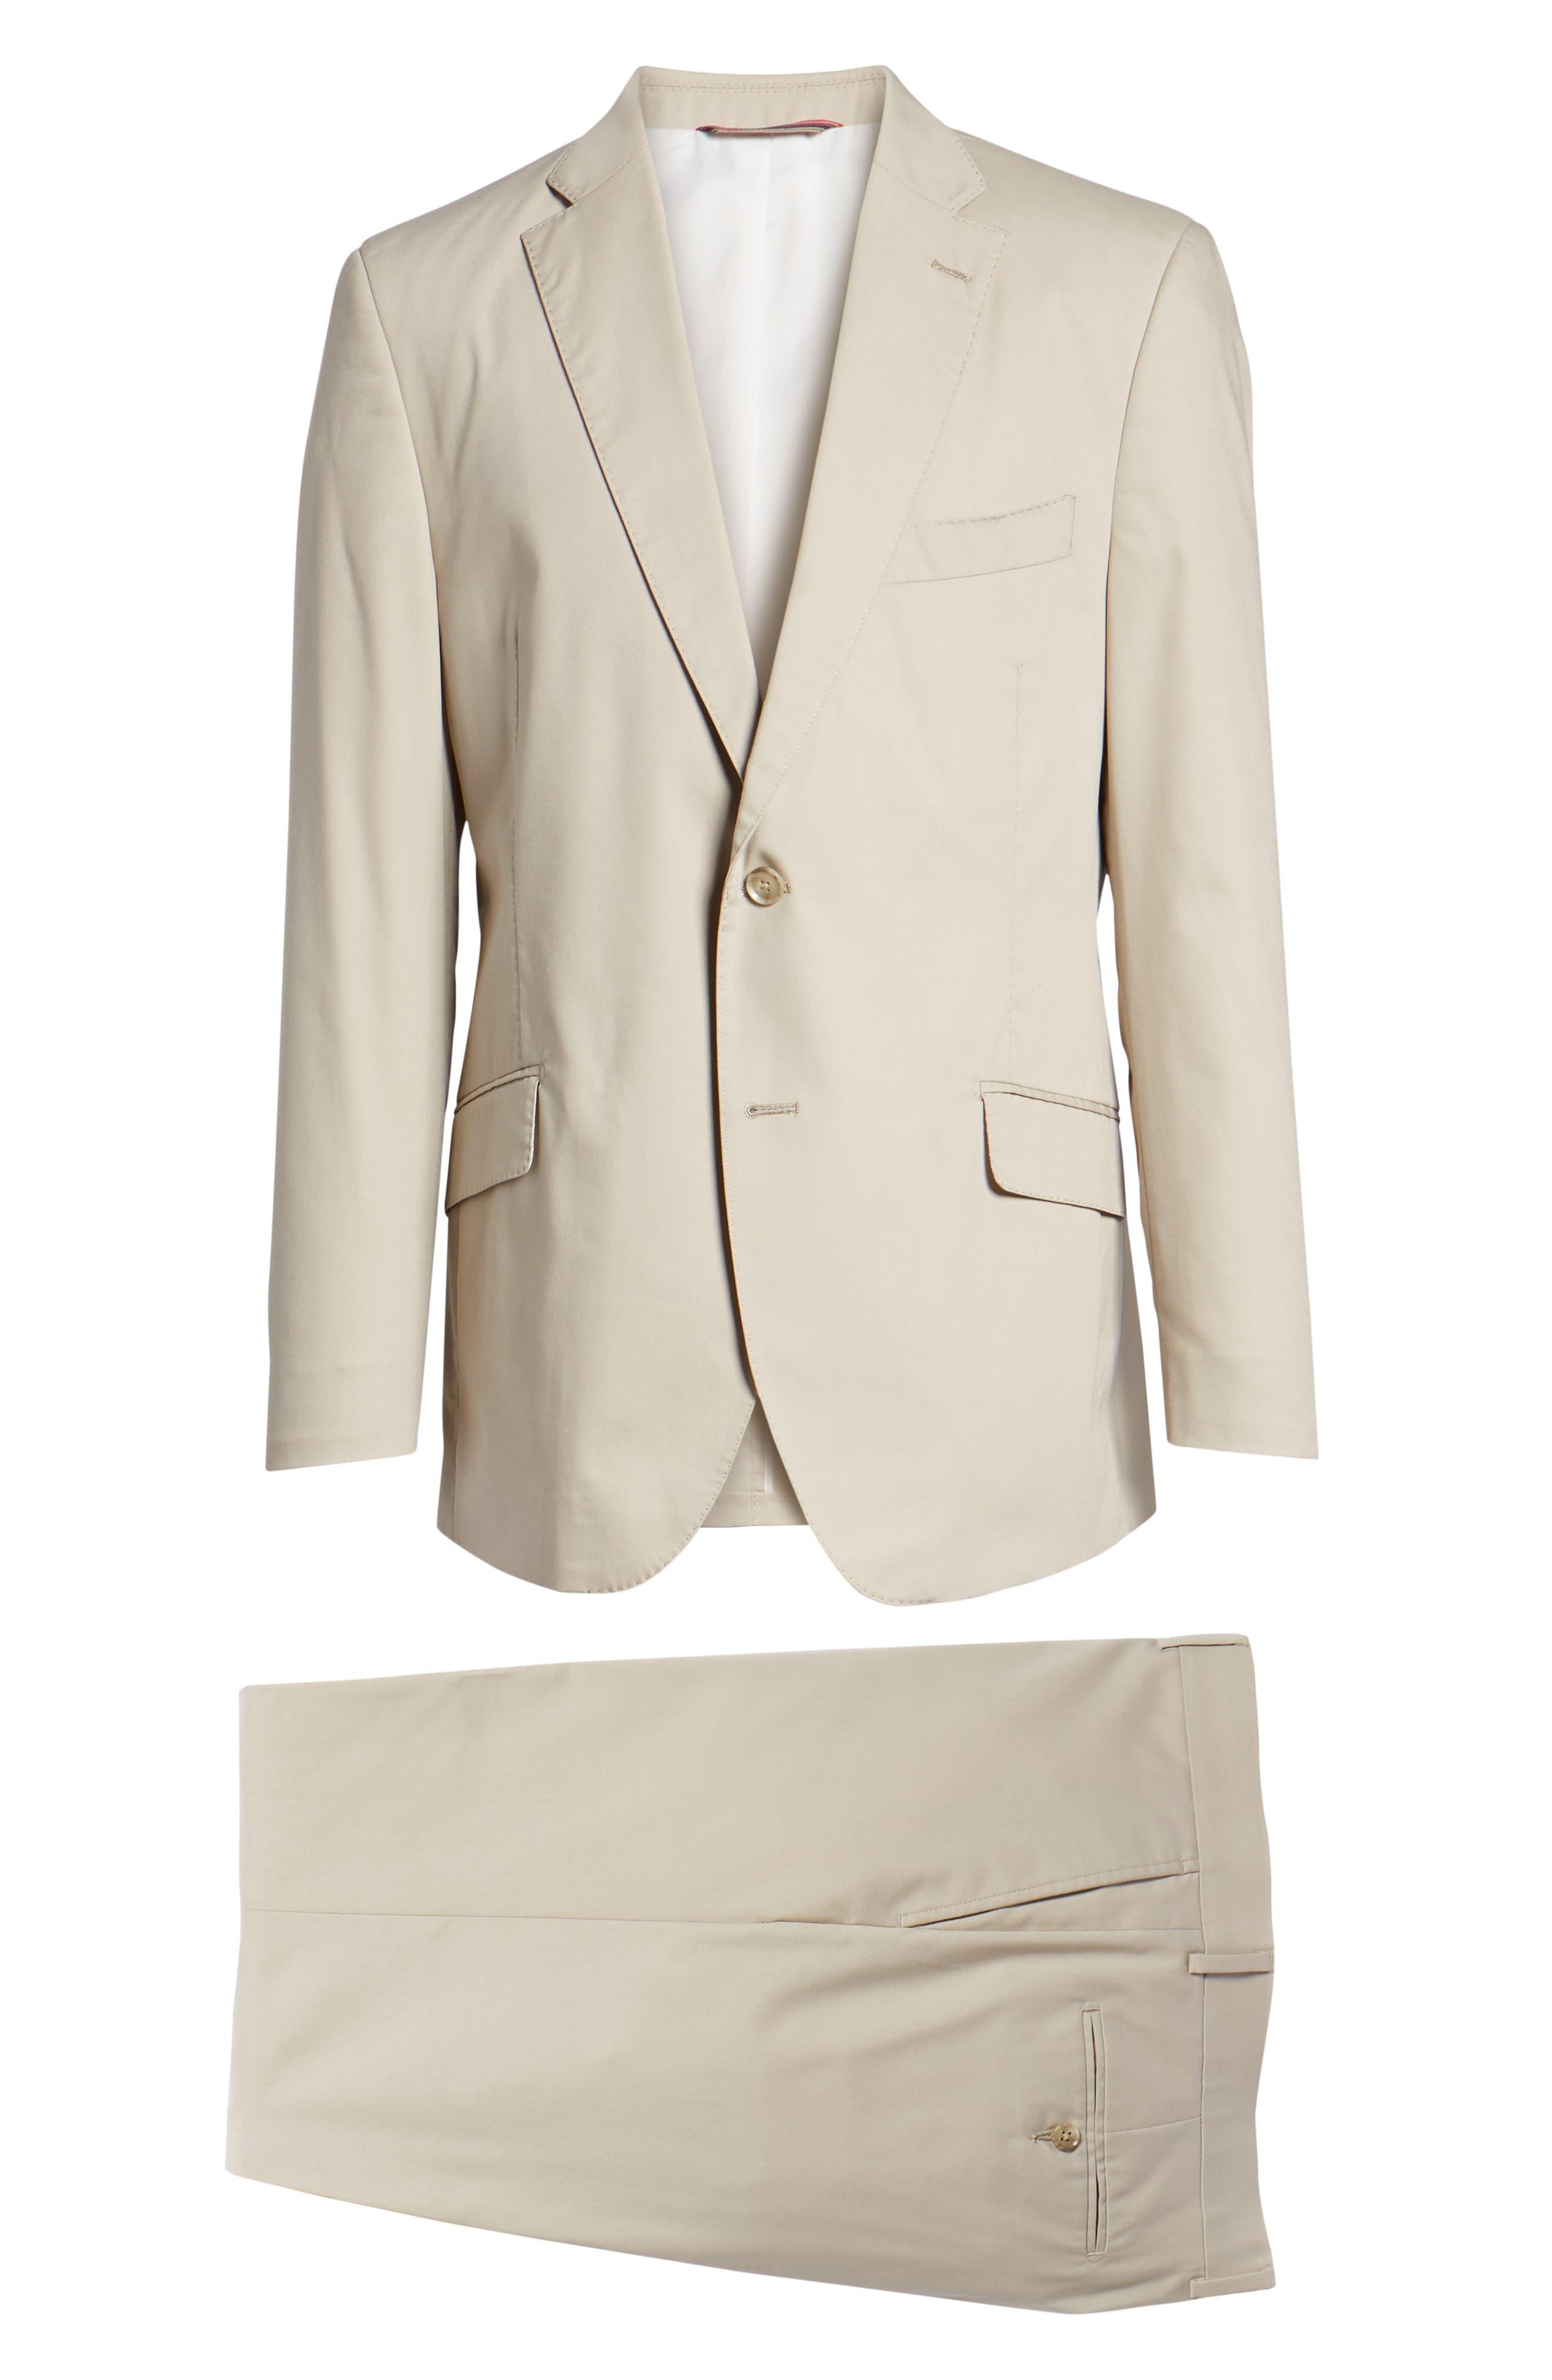 Irons AIM Classic Fit Solid Cotton Blend Suit,                             Alternate thumbnail 8, color,                             BEIGE